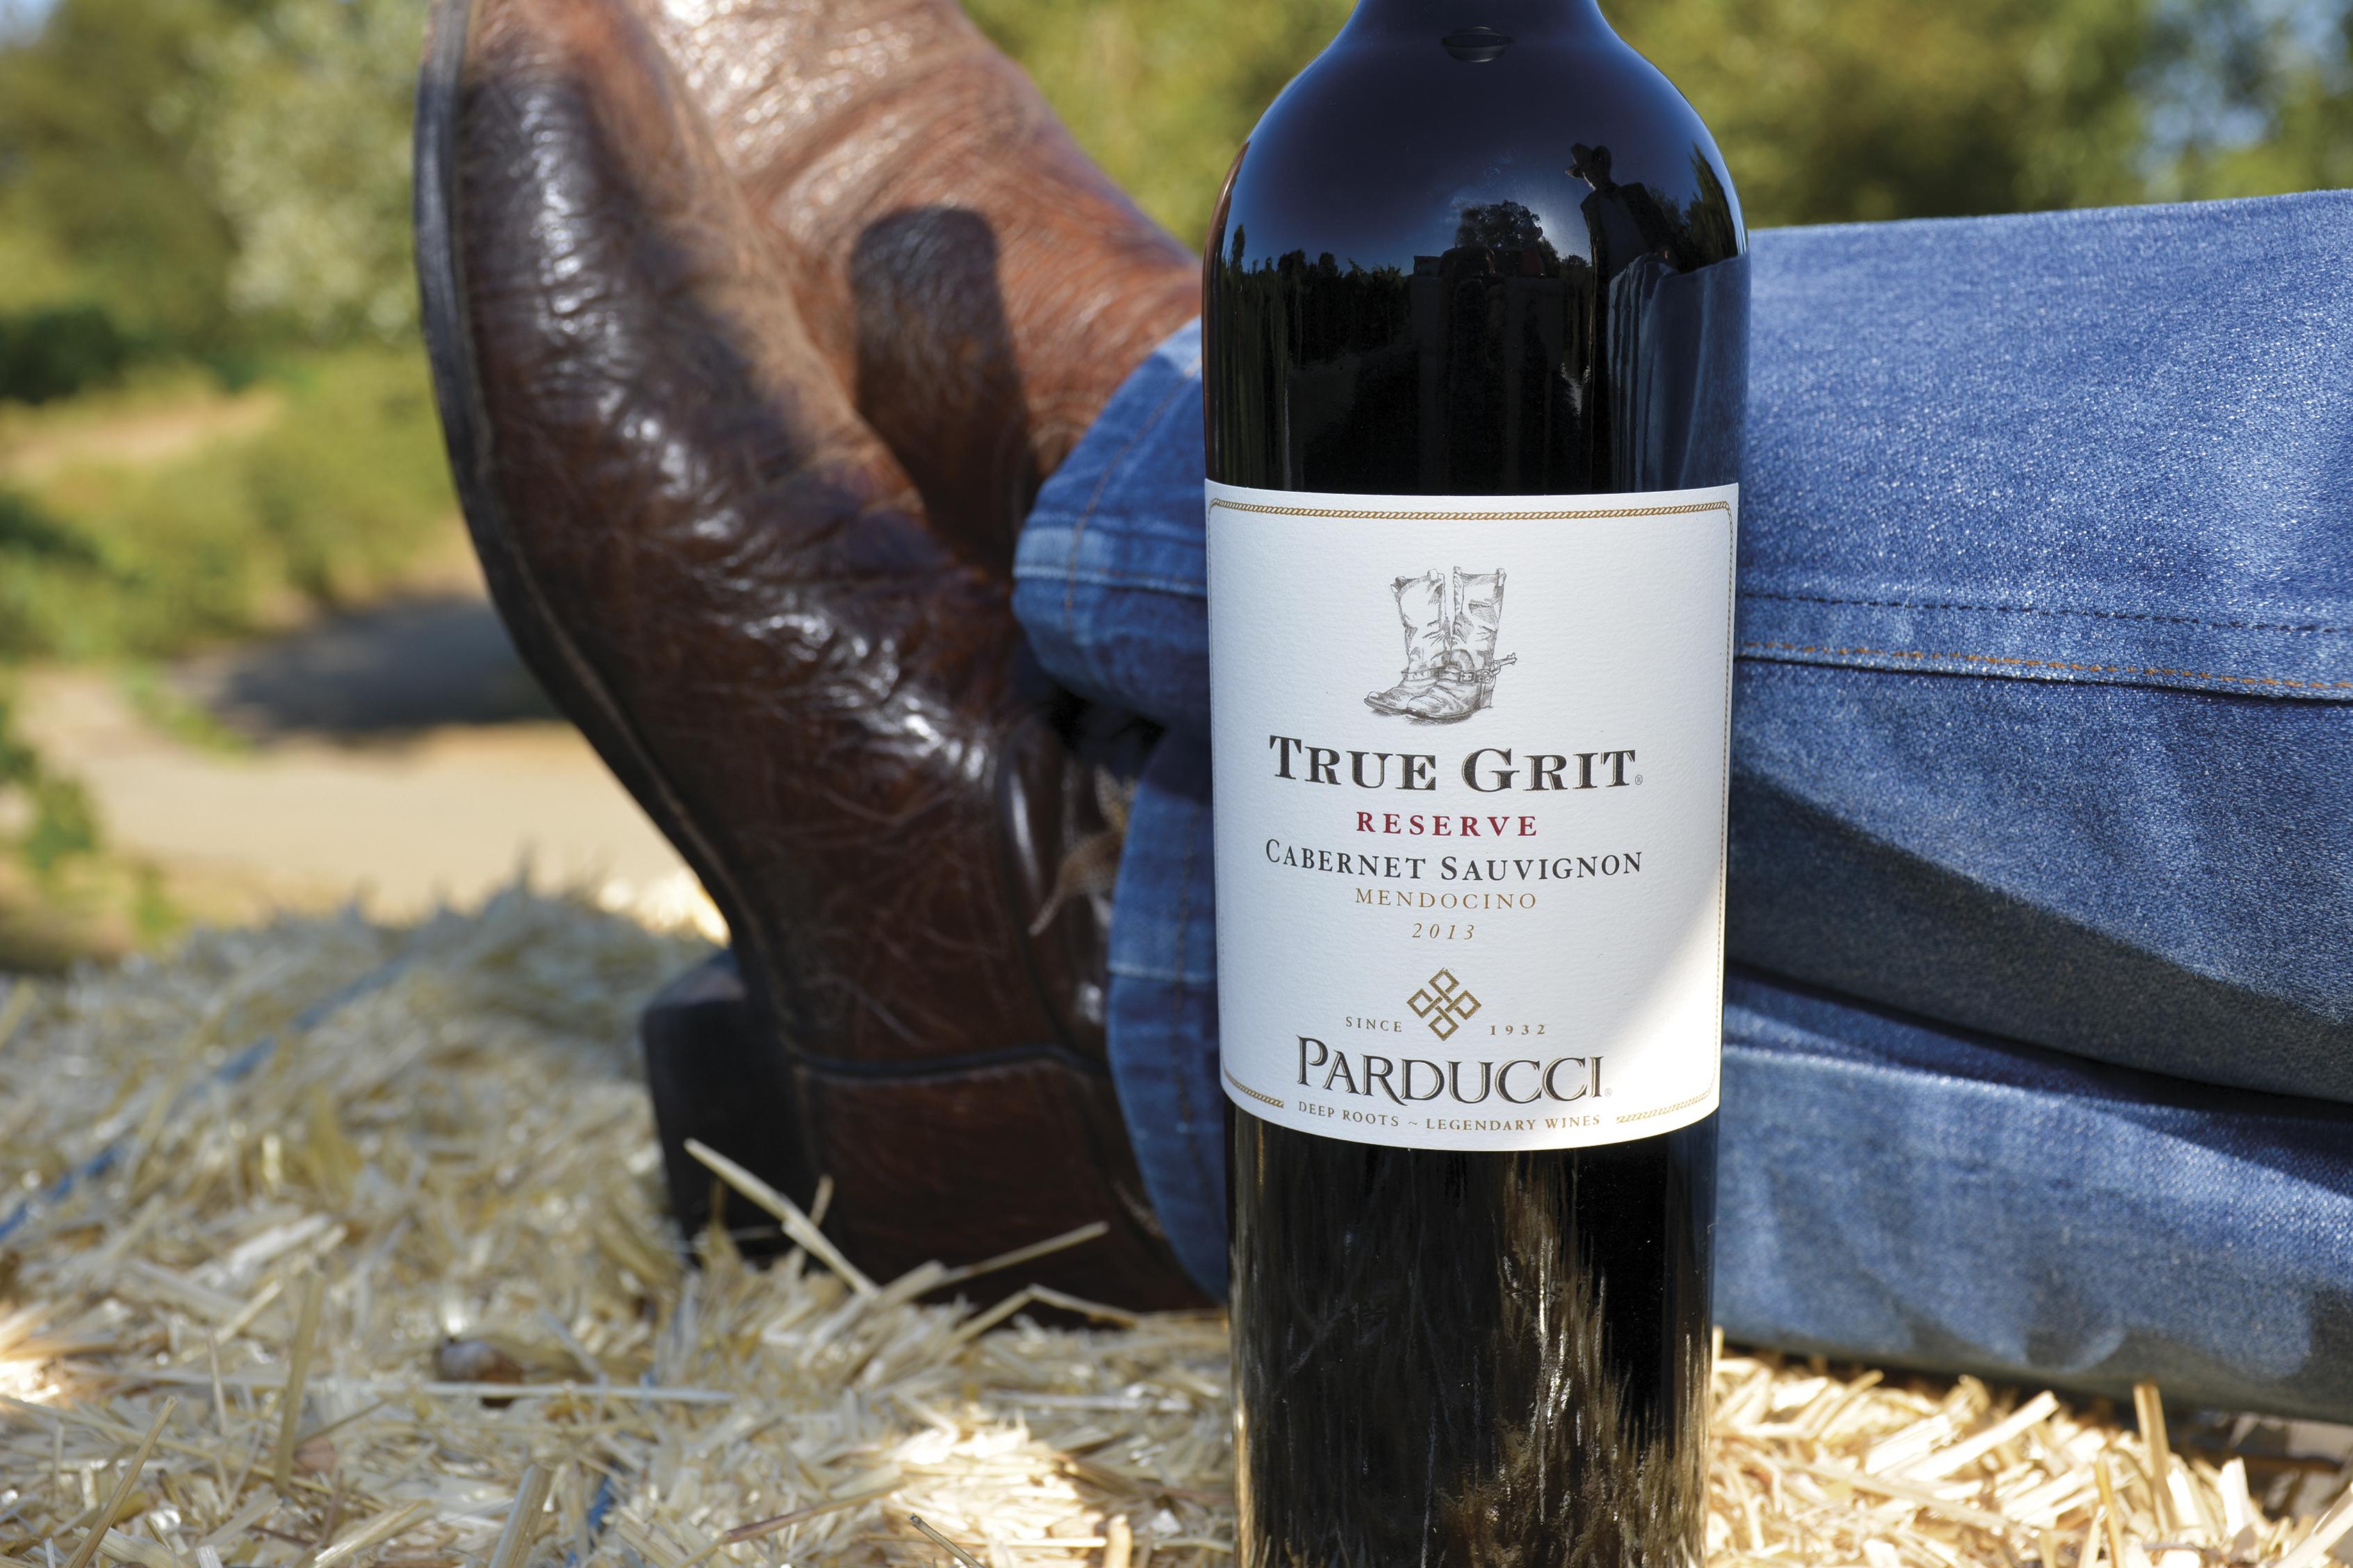 Parducci True Grit Cabernet Sauvignon